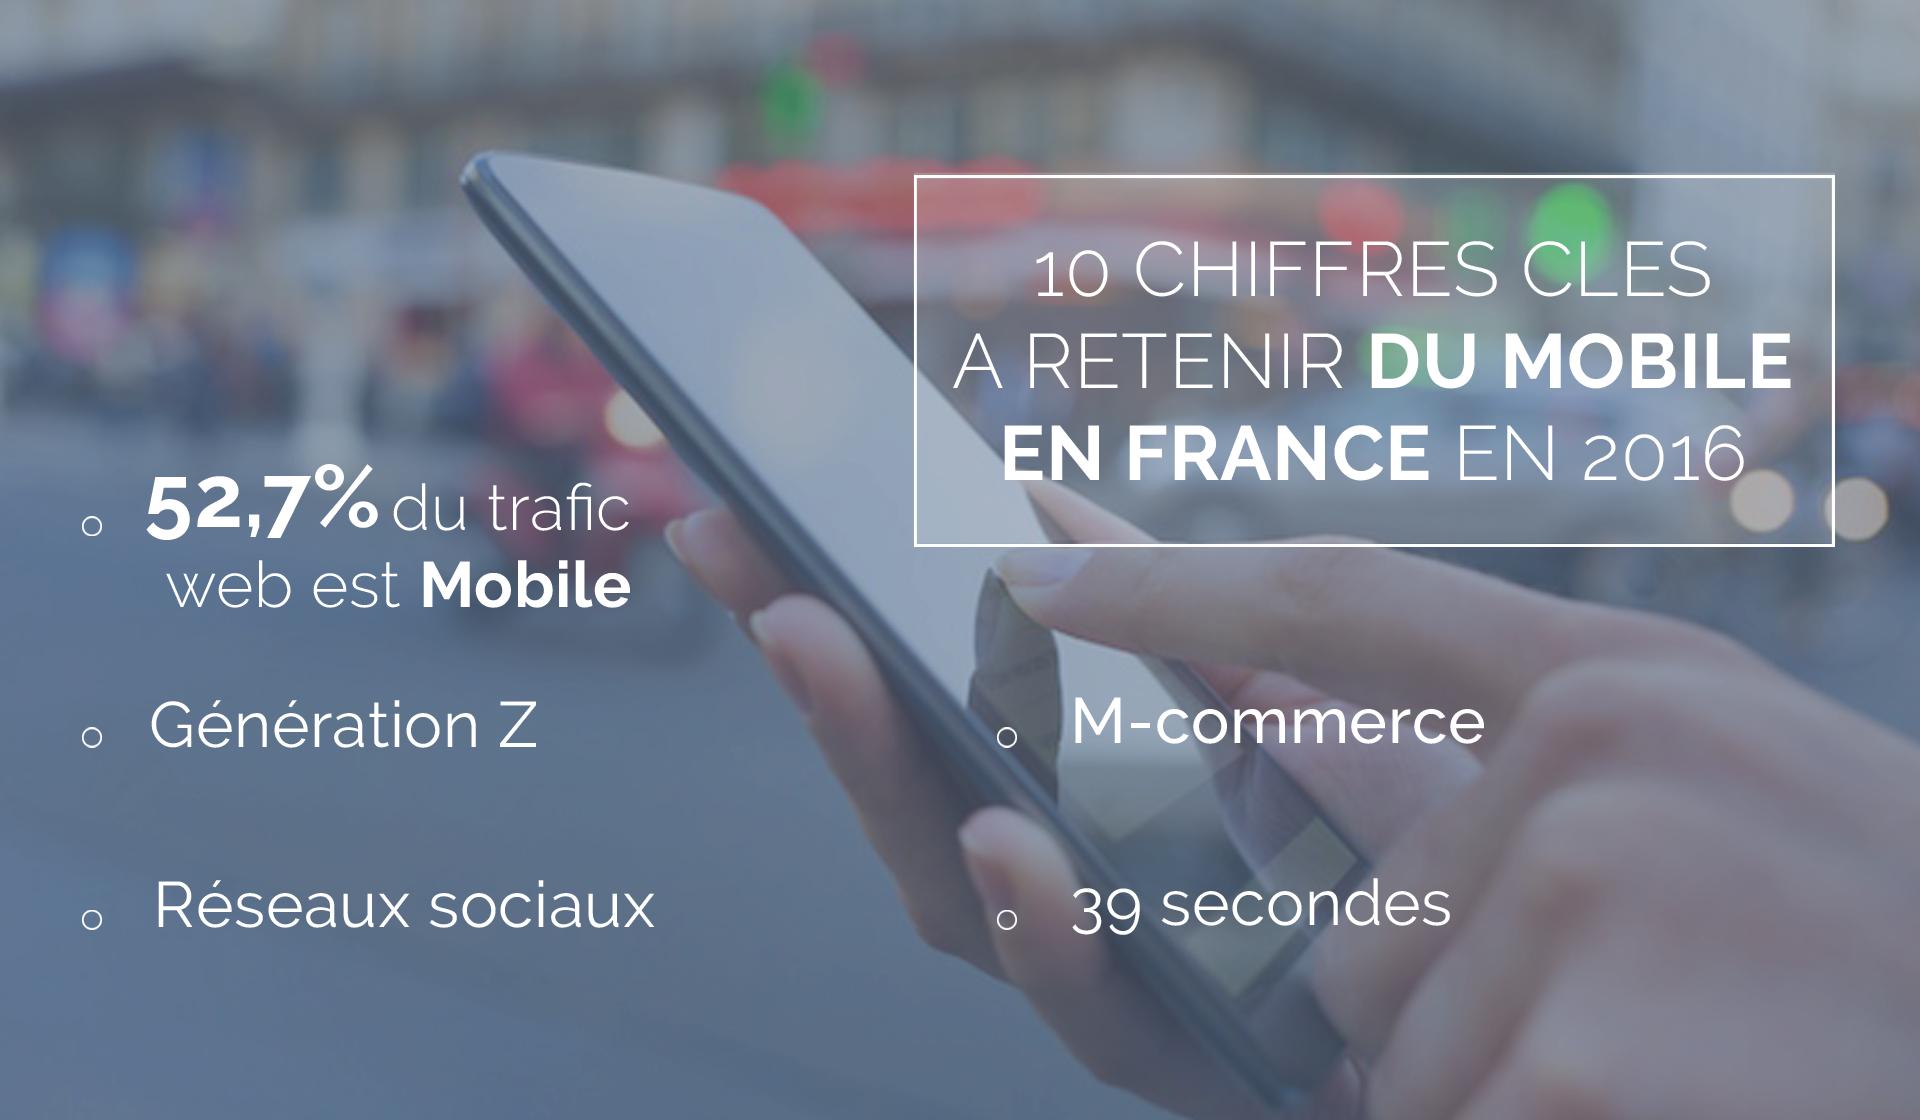 10 chiffres clés à retenir du mobile en France en 2016